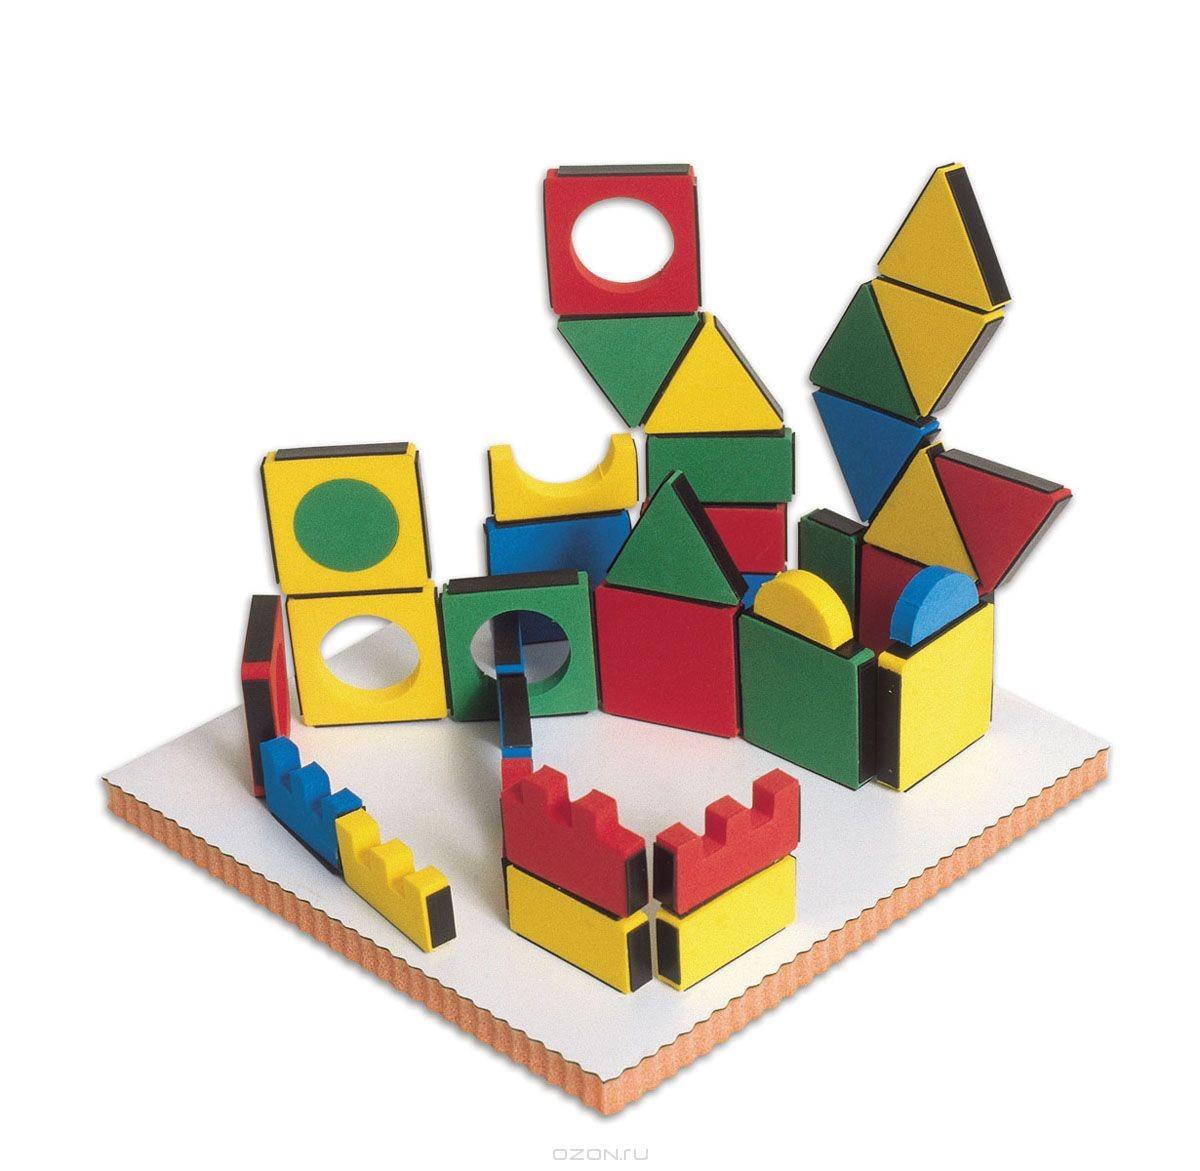 Мягкий конструктор Edushape Волшебные формы, с доской, 54 элемента